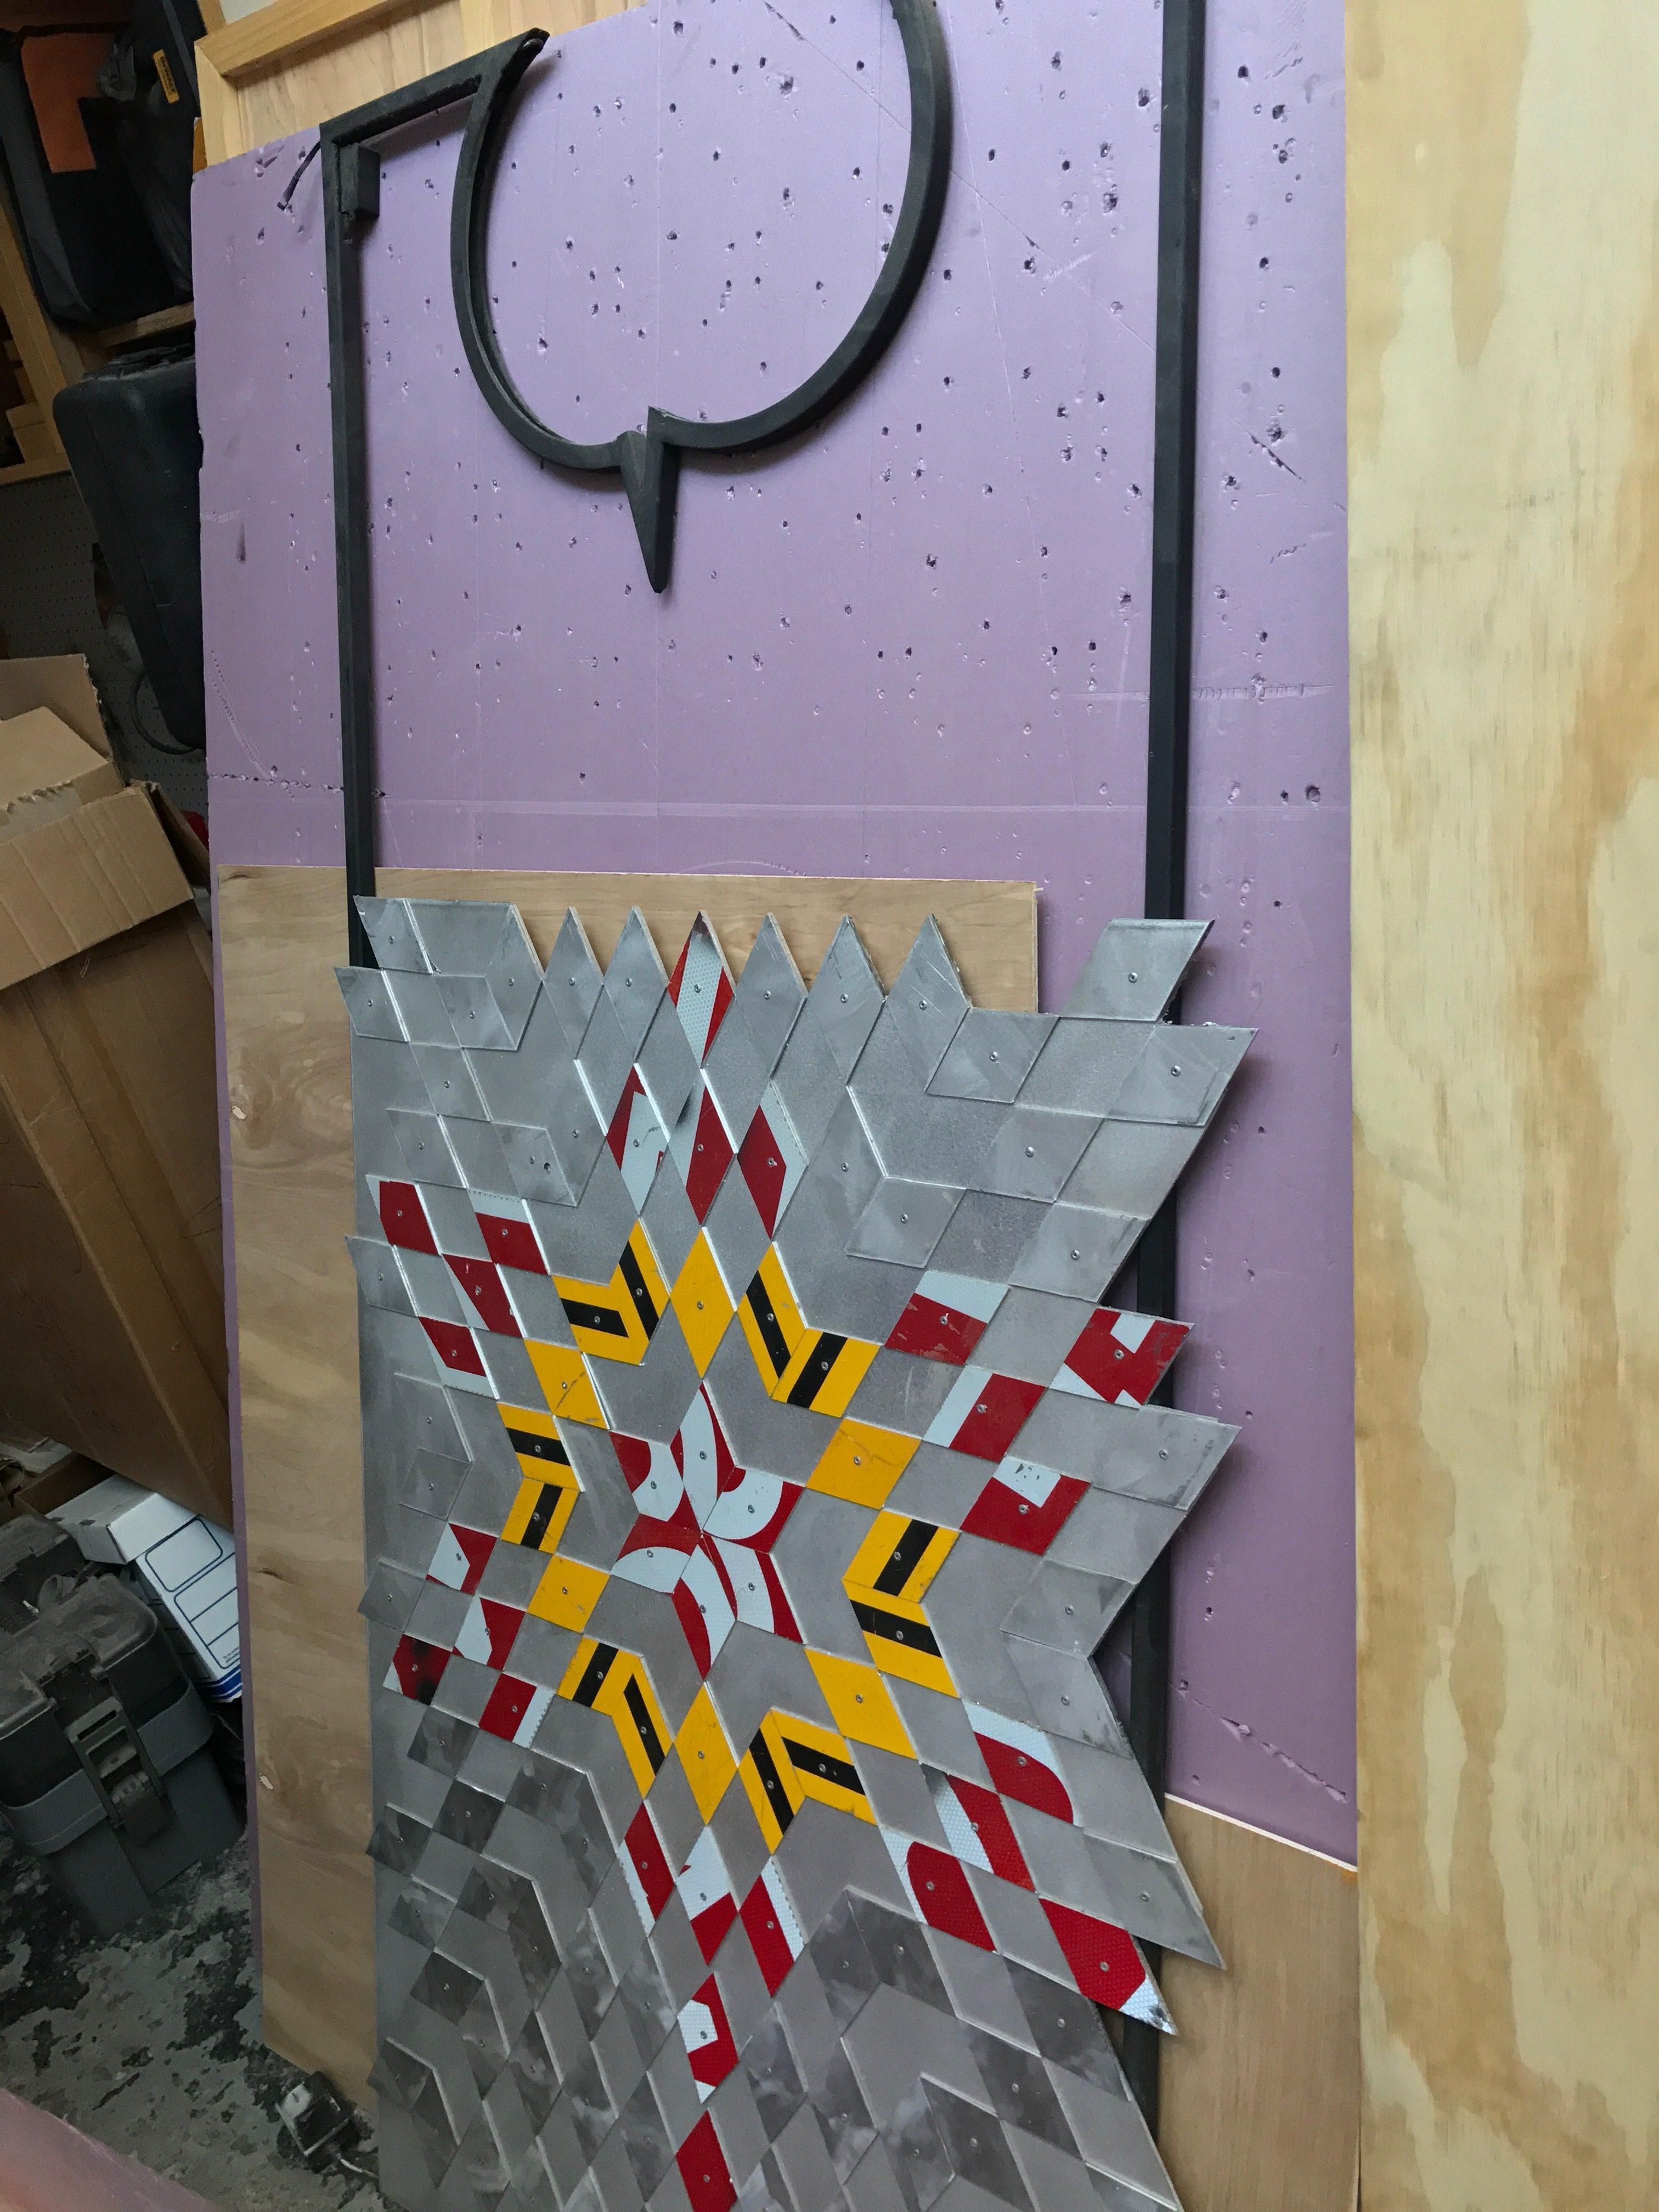 Greely Myatt, Studio Visit, November 2016